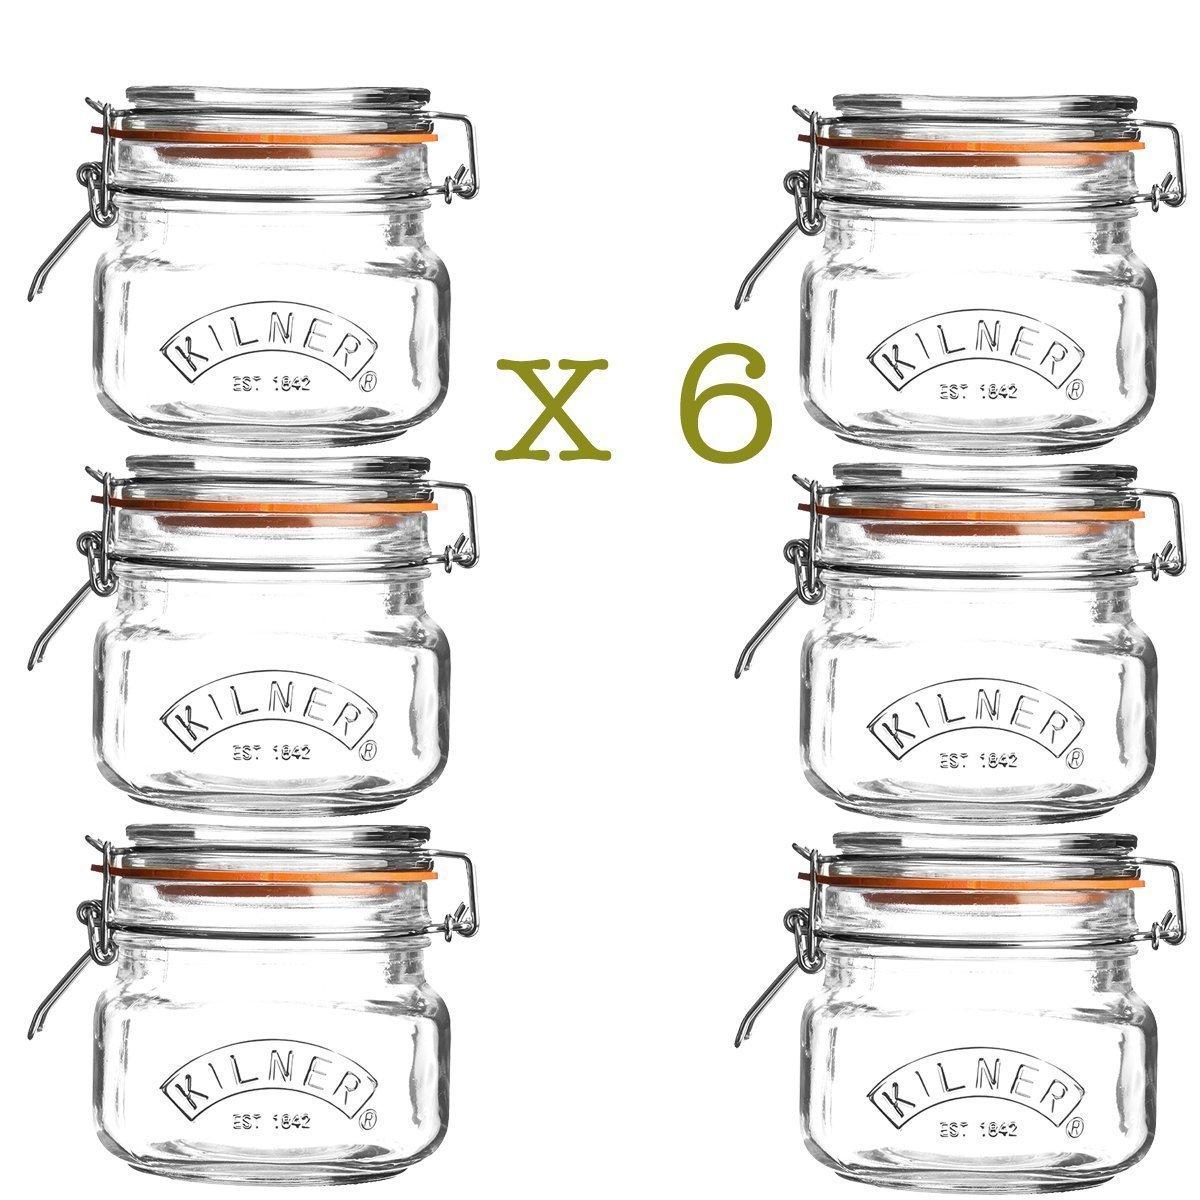 6 x Kilner Square 0.5 Litre Airtight Clip Top Preserve Jars 0025.510